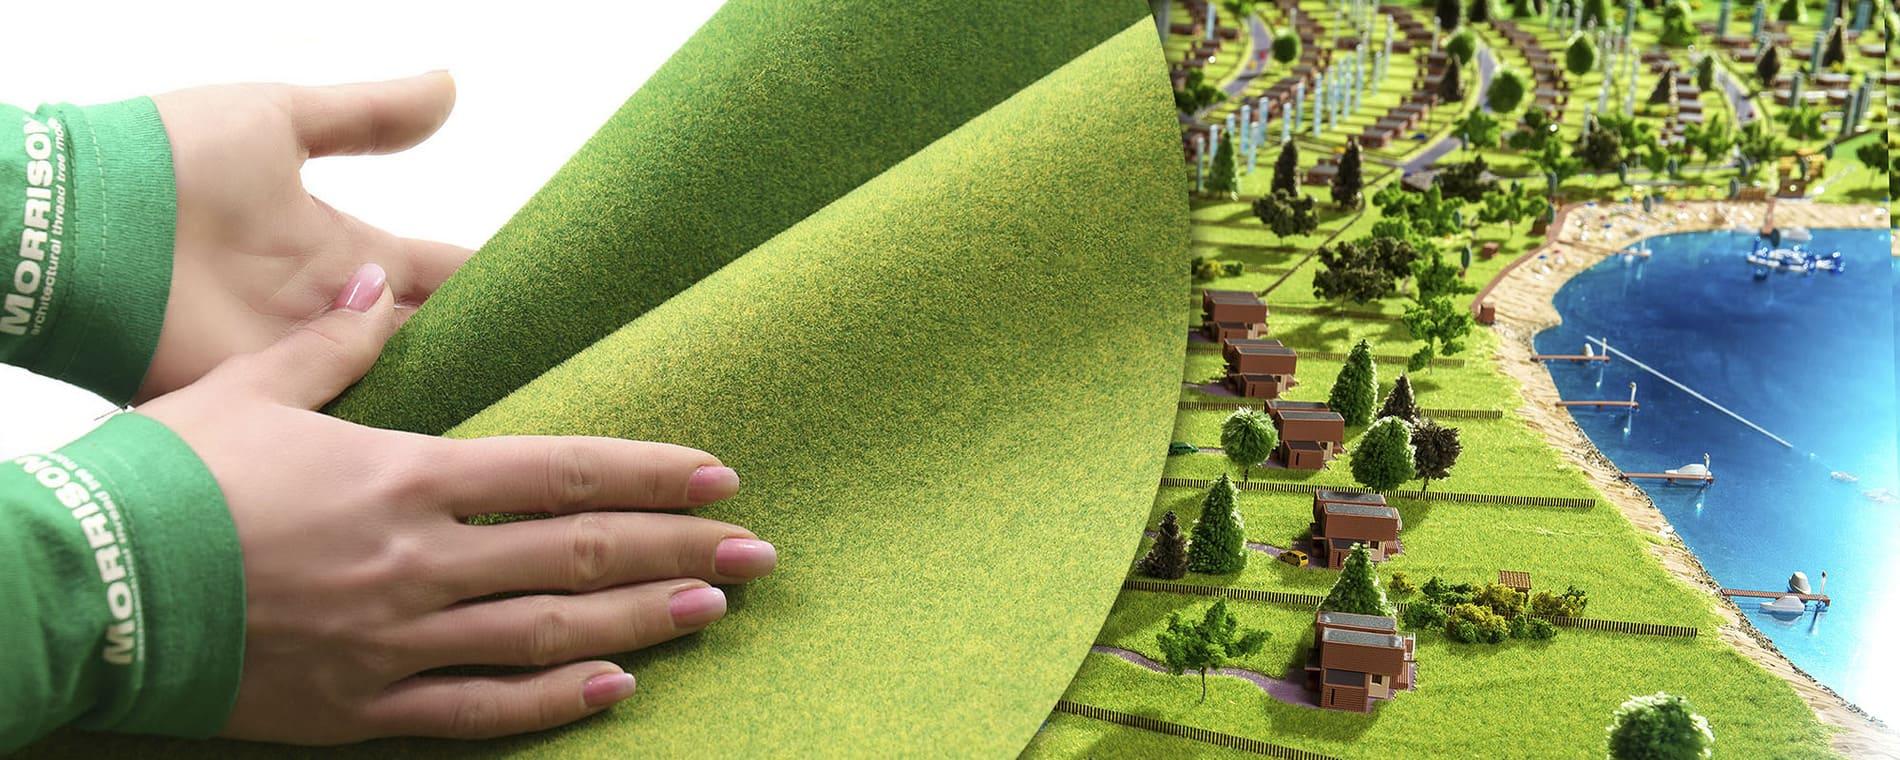 Макеты домов и ландшафтов — способы изготовления и масштабы